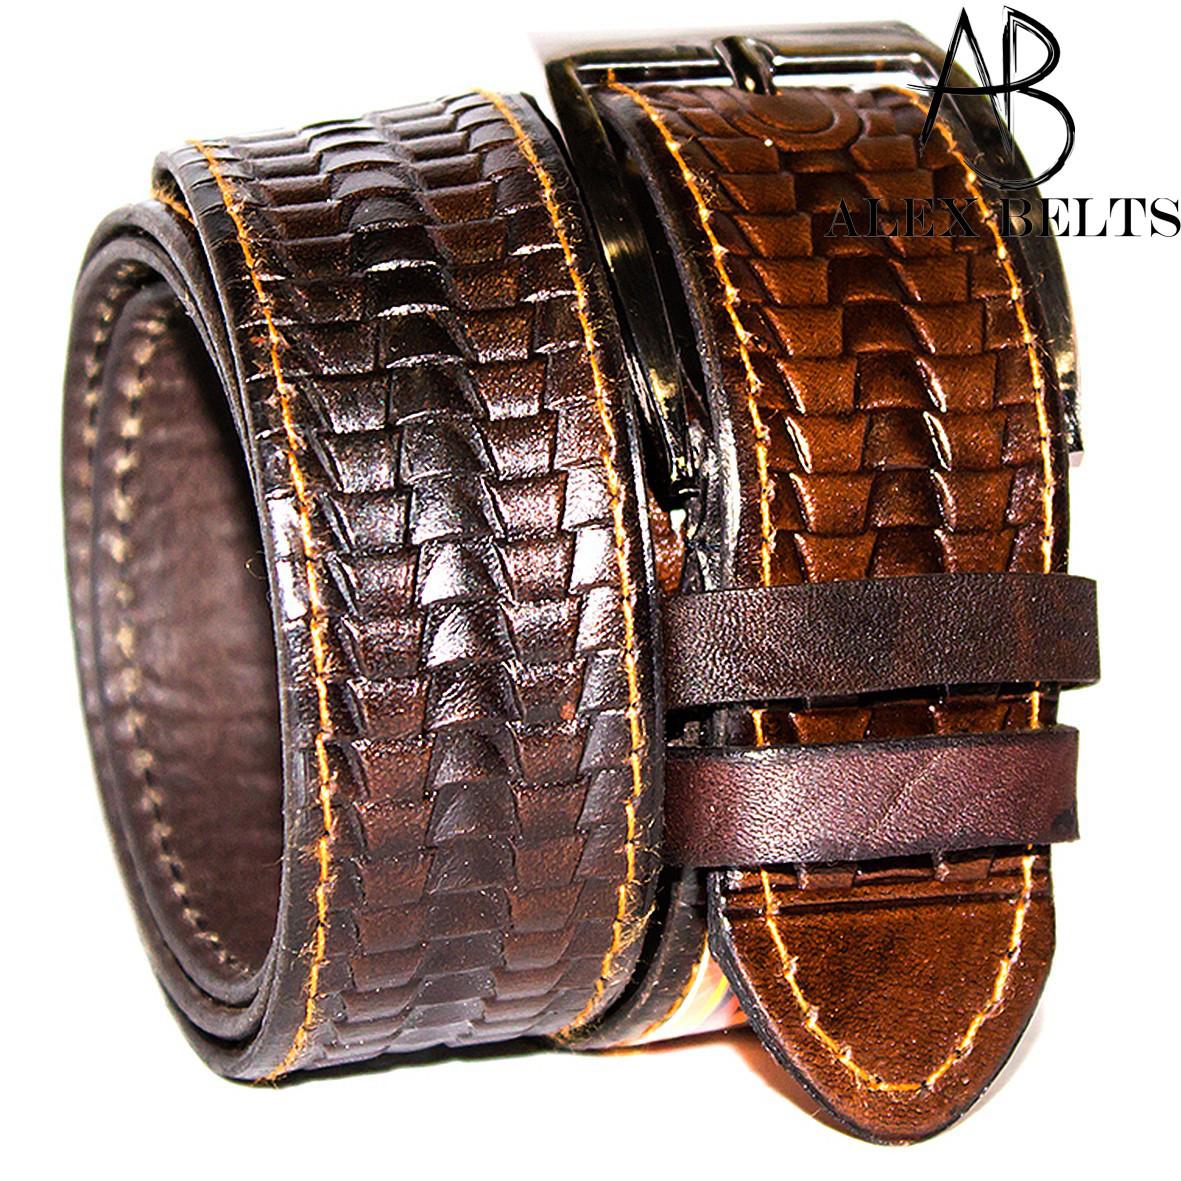 Ремень мужской брючный кожаный клеенный 35 мм - купить оптом в Одессе